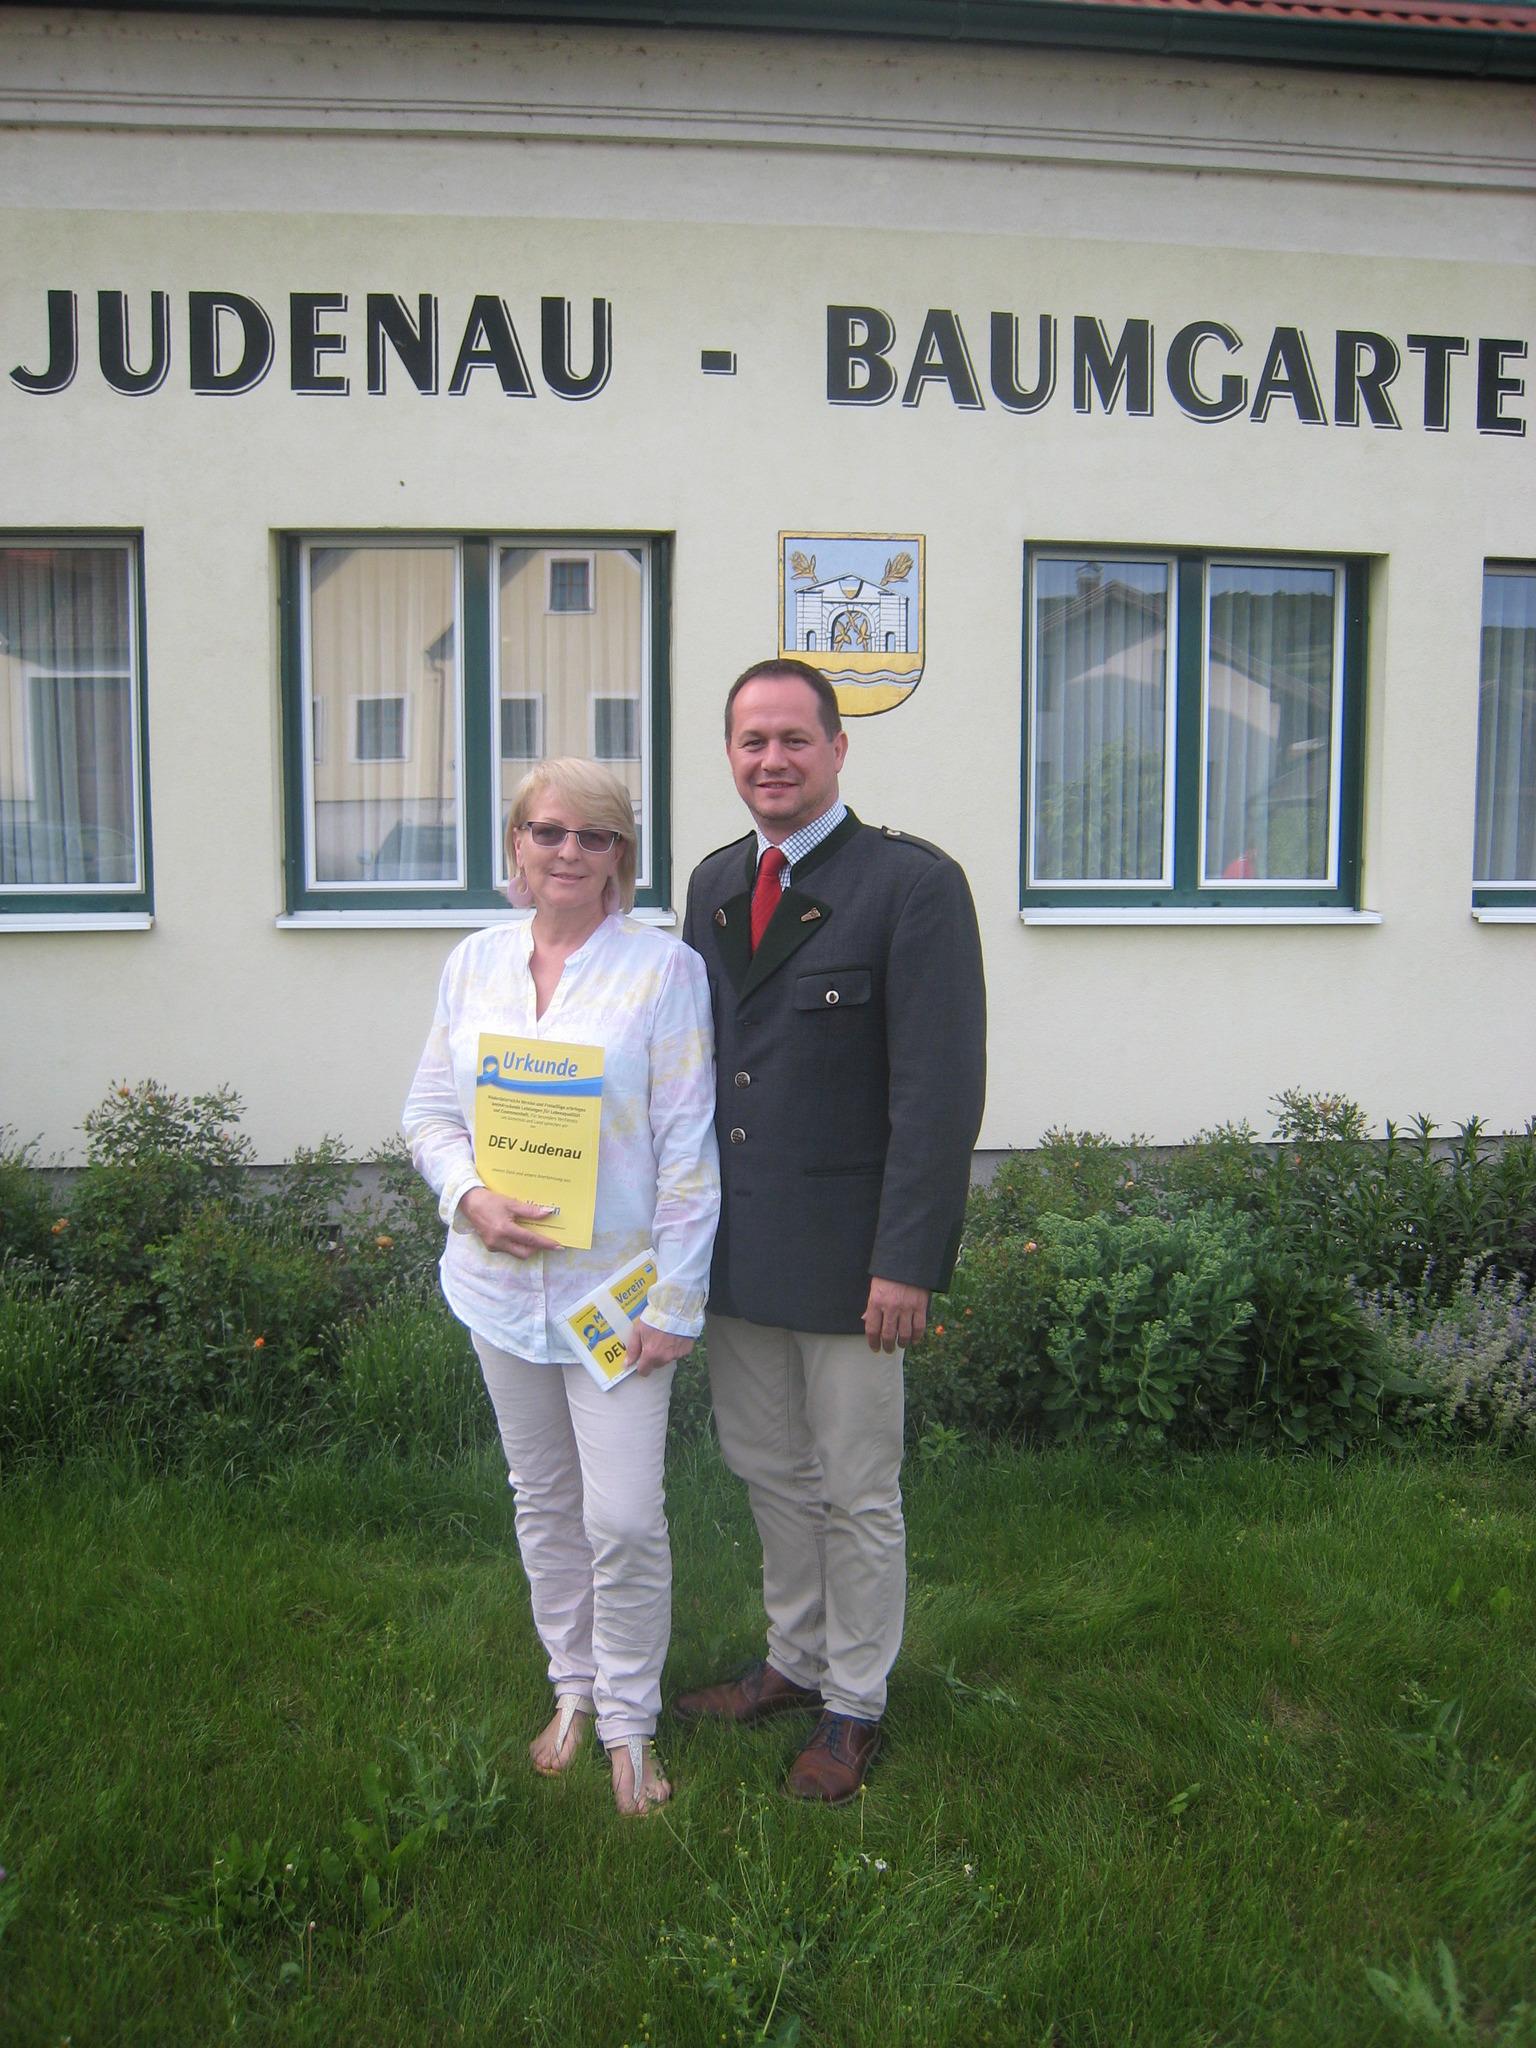 Judenau-baumgarten neu leute kennenlernen Sofort sex kontakte